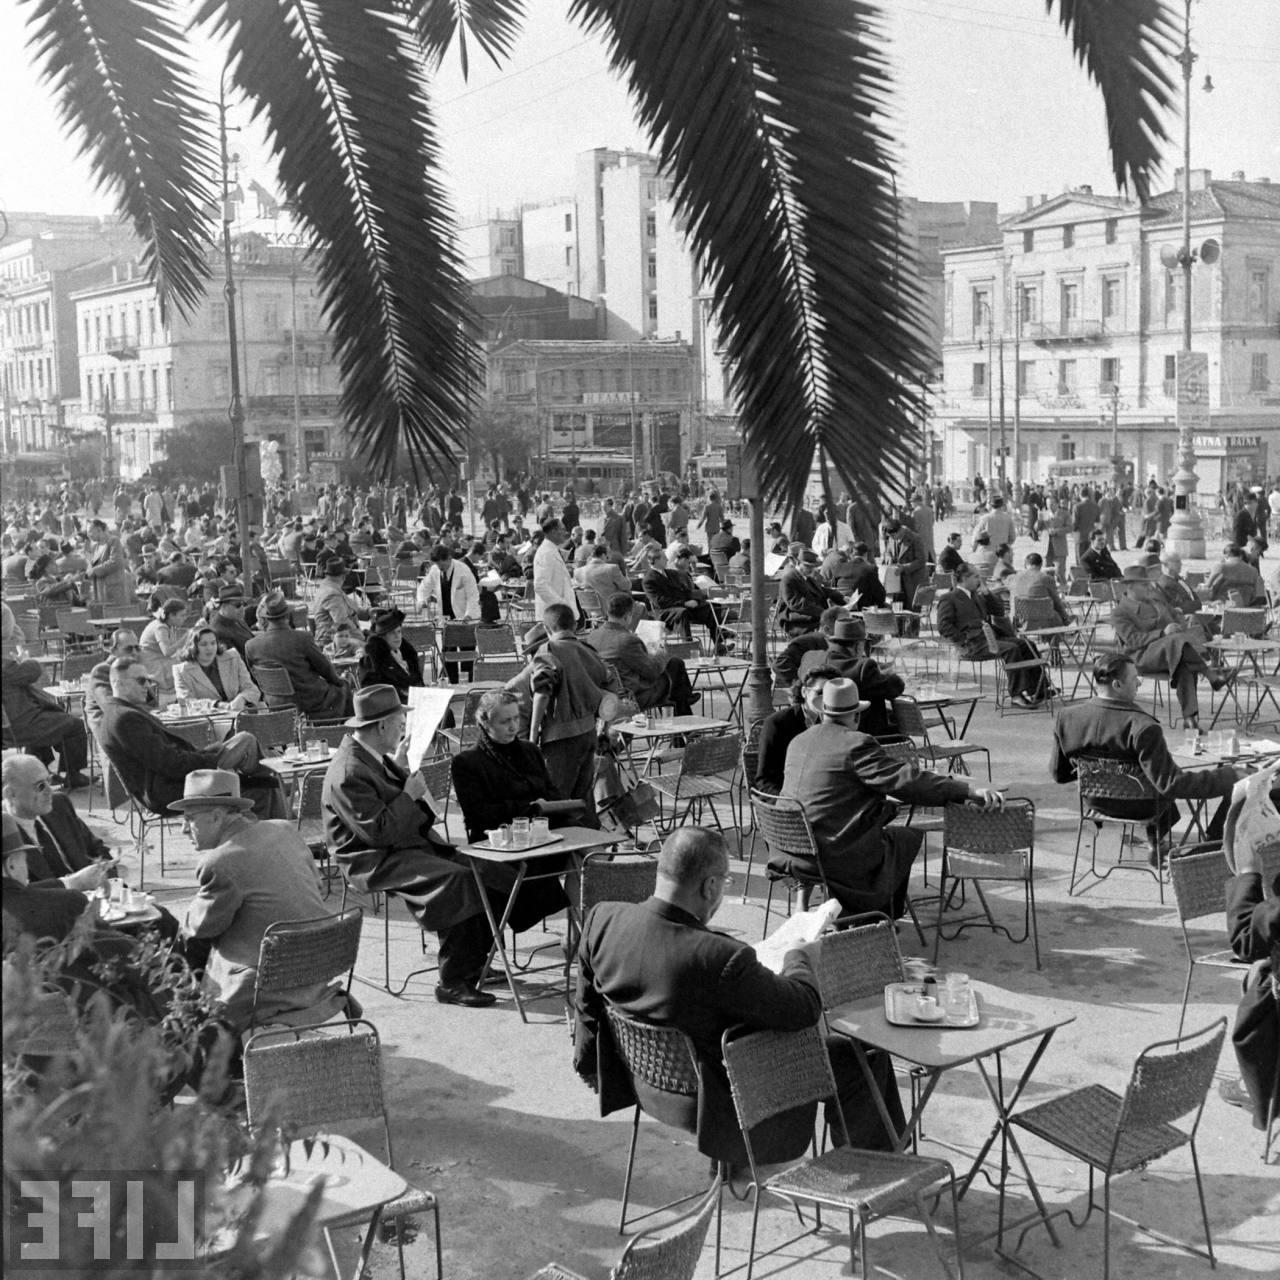 http://1.bp.blogspot.com/-uLdh1U0w5C8/Ud5bQdr_DRI/AAAAAAAAJqs/r6CTEIonAGU/s1600/Athens+Syntagma+Jan.+1948+Dimitri+Kessel.jpg